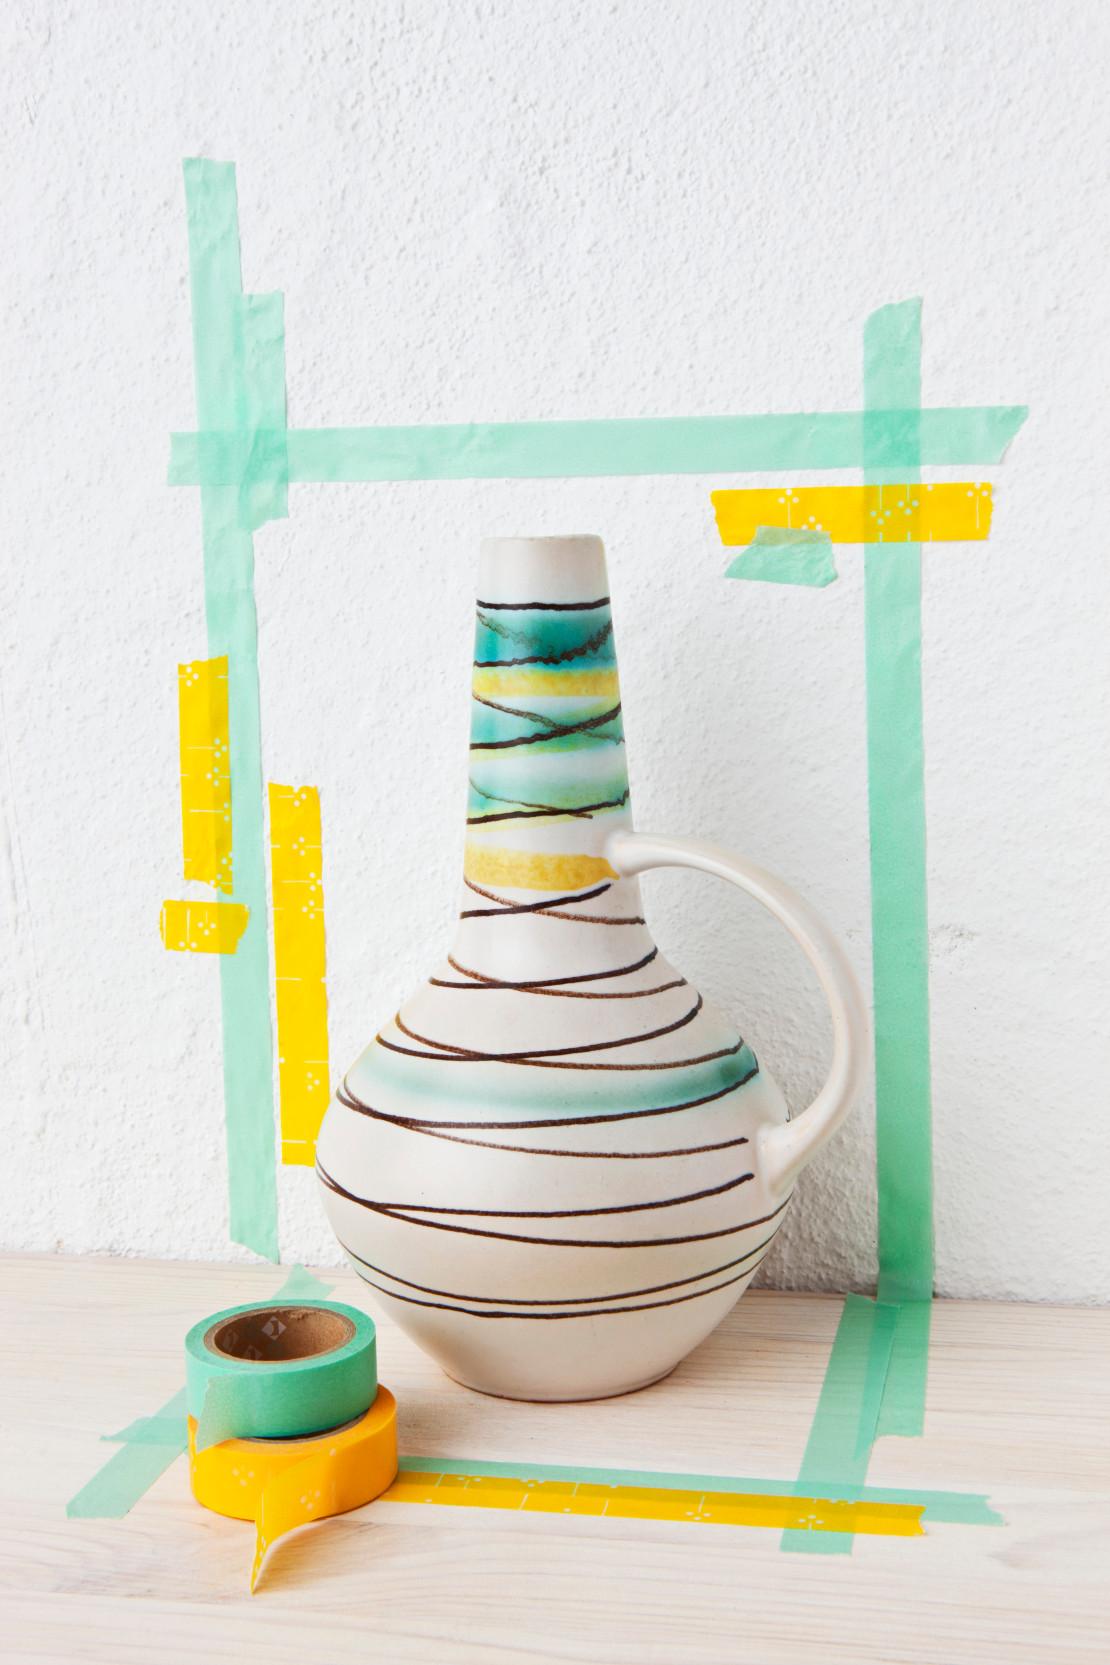 keramik-vase-gruen-gelb